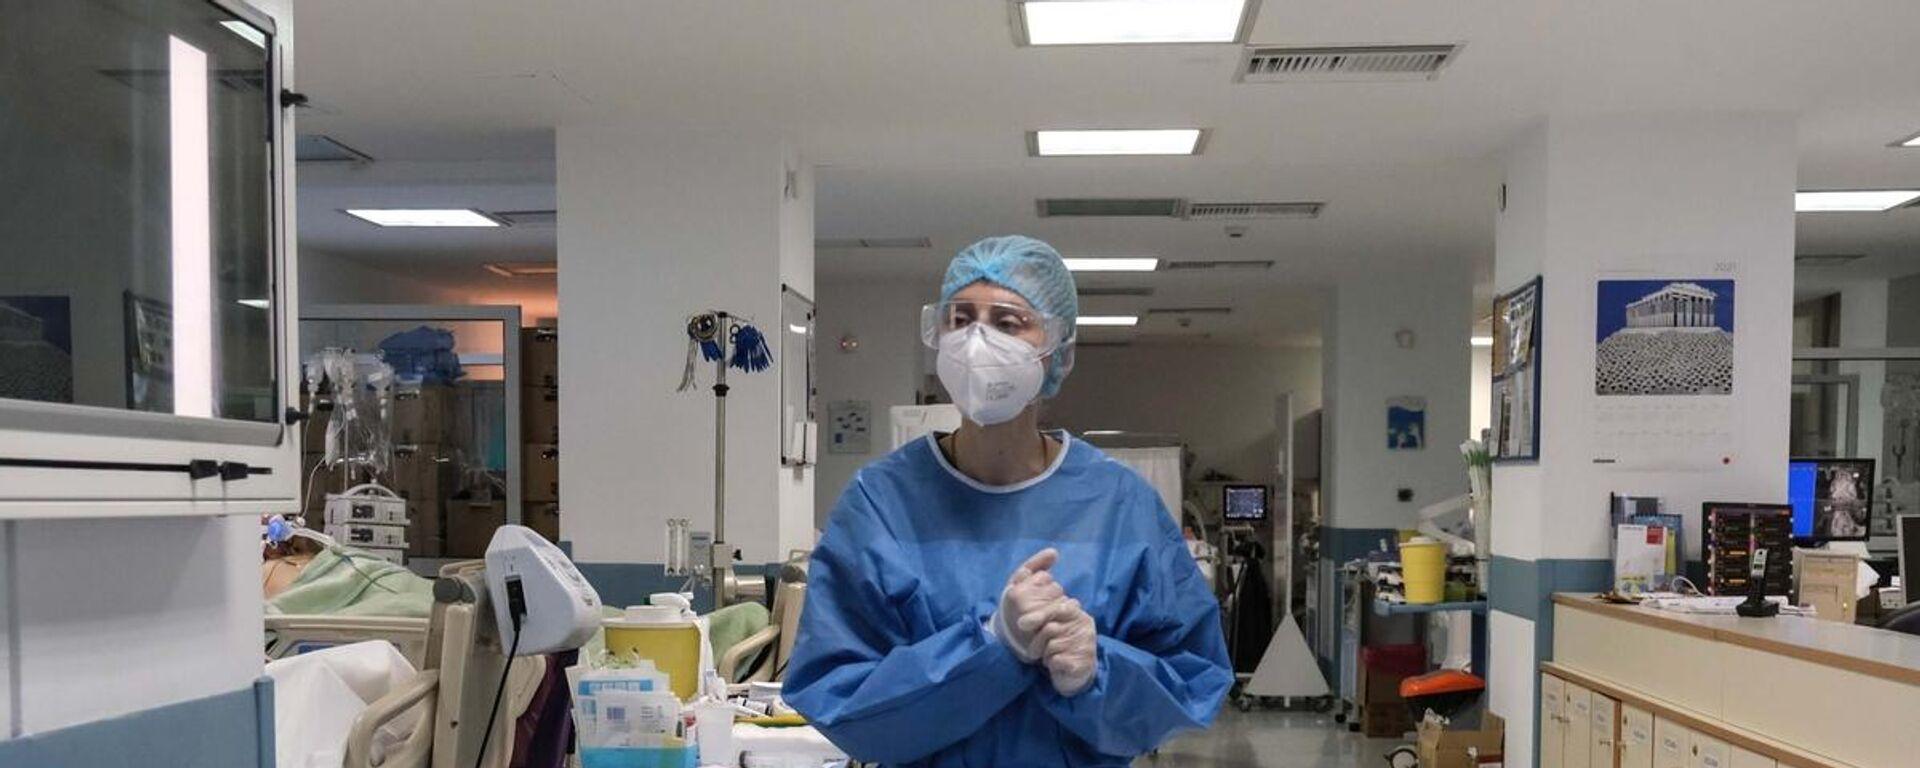 ΜΕΘ σε νοσοκομείο στην Αθήνα - Sputnik Ελλάδα, 1920, 28.09.2021